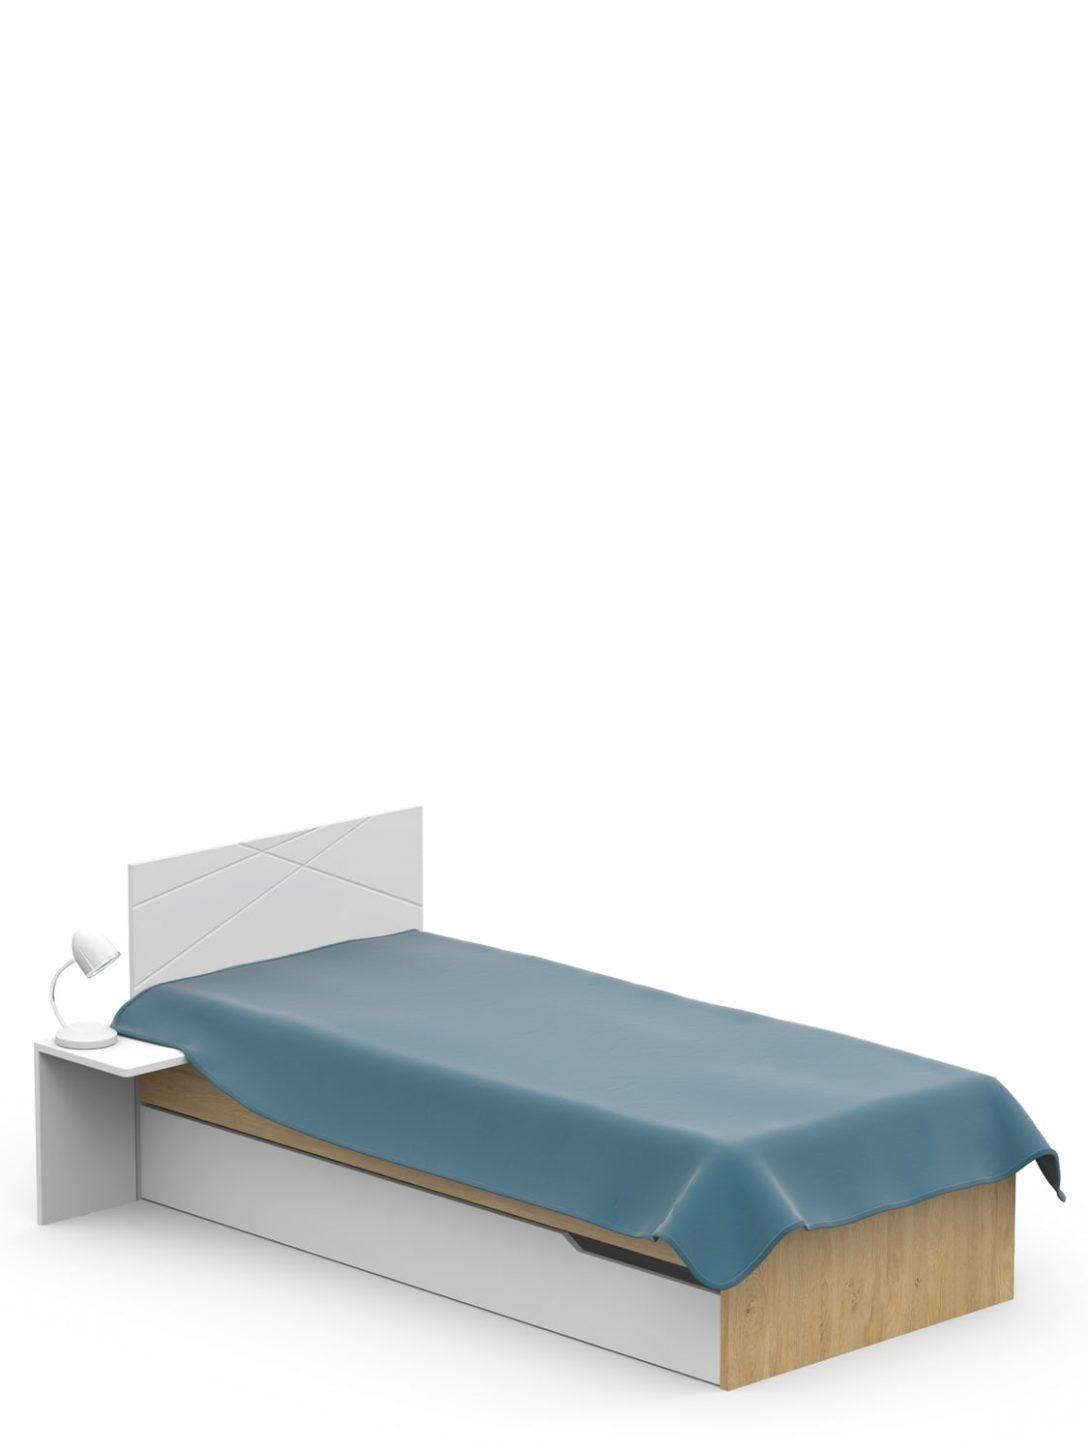 Full Size of Sitzbank Bett 120x200 Oak Meblik Gnstig Kaufen 140x200 Mit Stauraum Roba Trends Betten 140 Schlicht Poco Weiß Schubladen 90x200 Tojo V Weißes 160x200 Kiefer Bett Sitzbank Bett